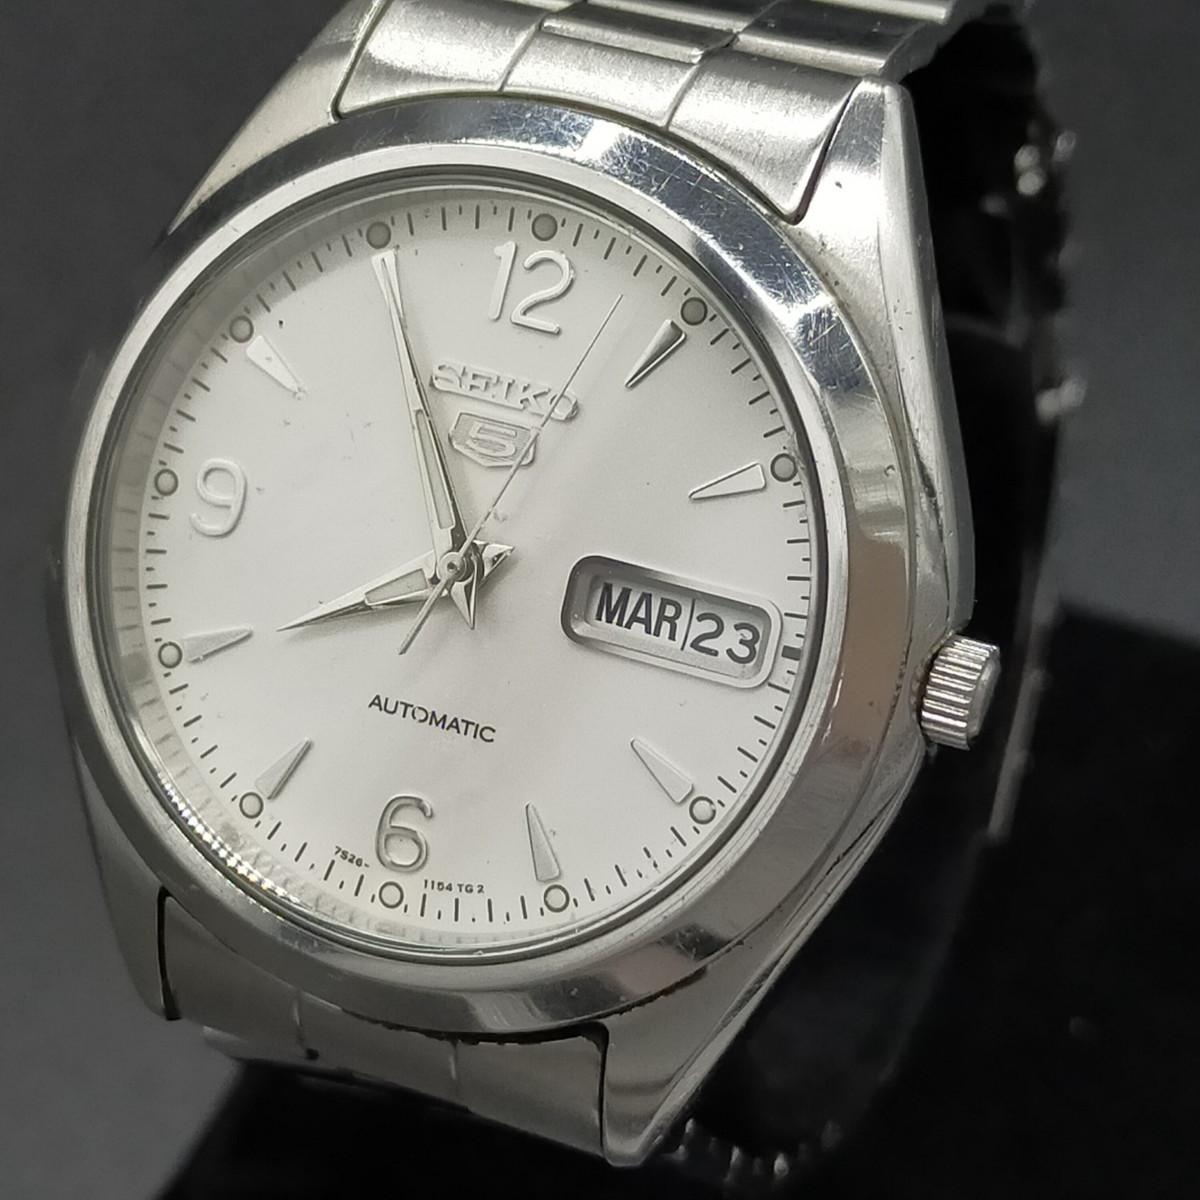 セイコー Seiko 腕時計 セイコー5 機械式(自動巻き) 動作品 ref.7S26-0440 メンズ 1809070